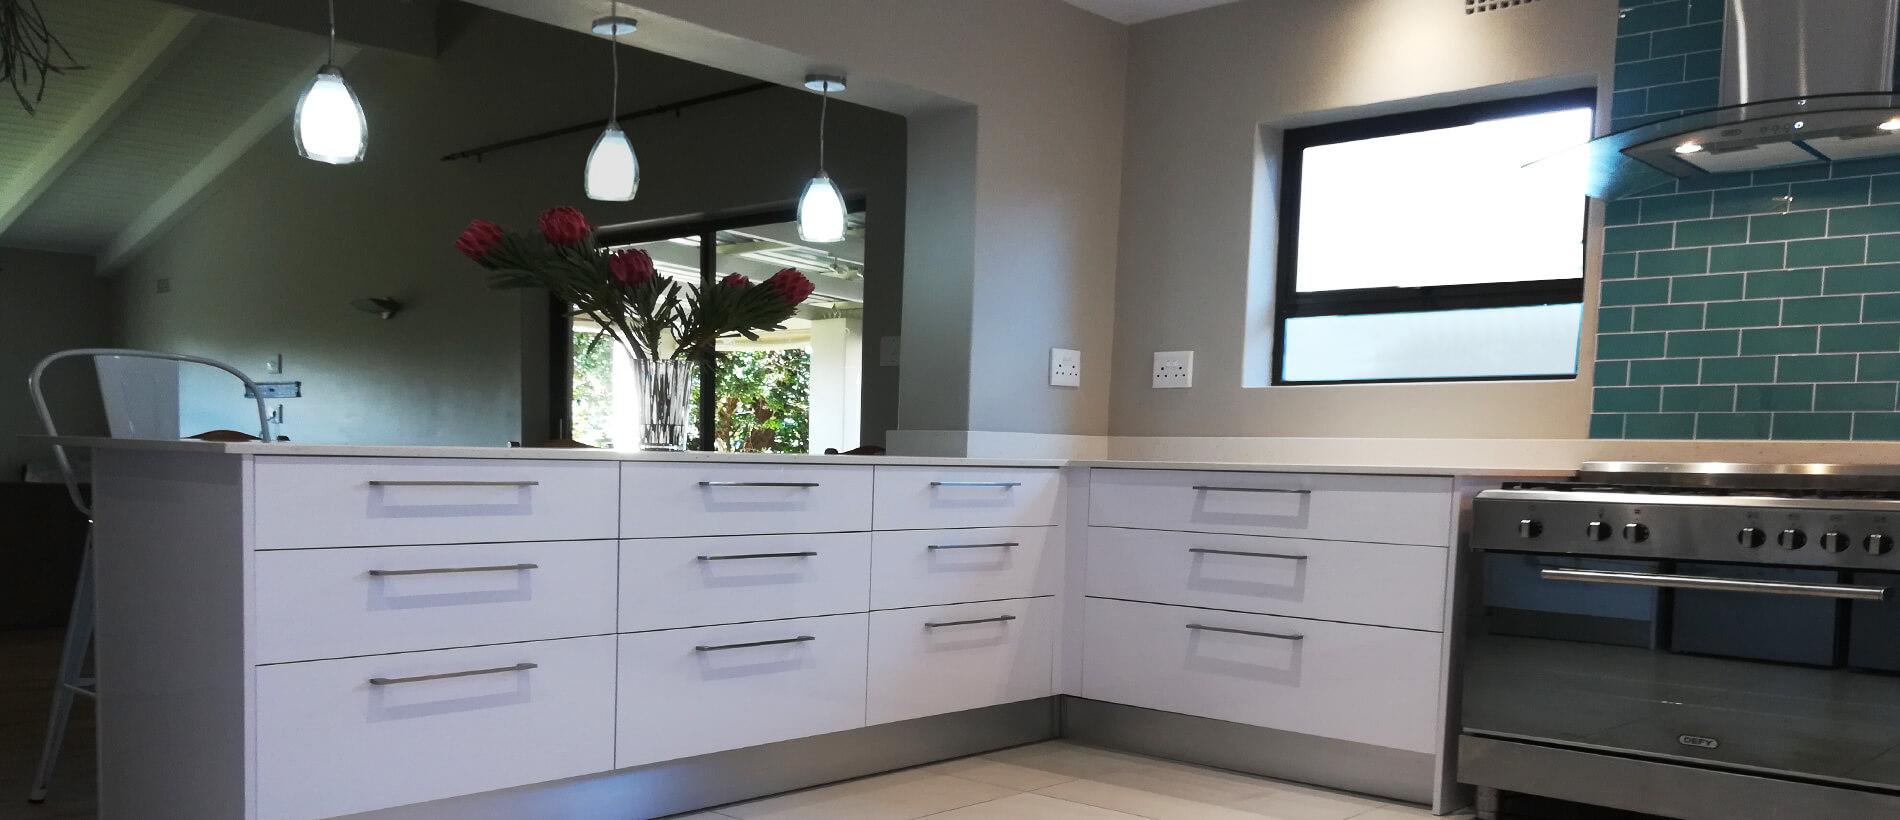 Kitchen Design Somerset West 5